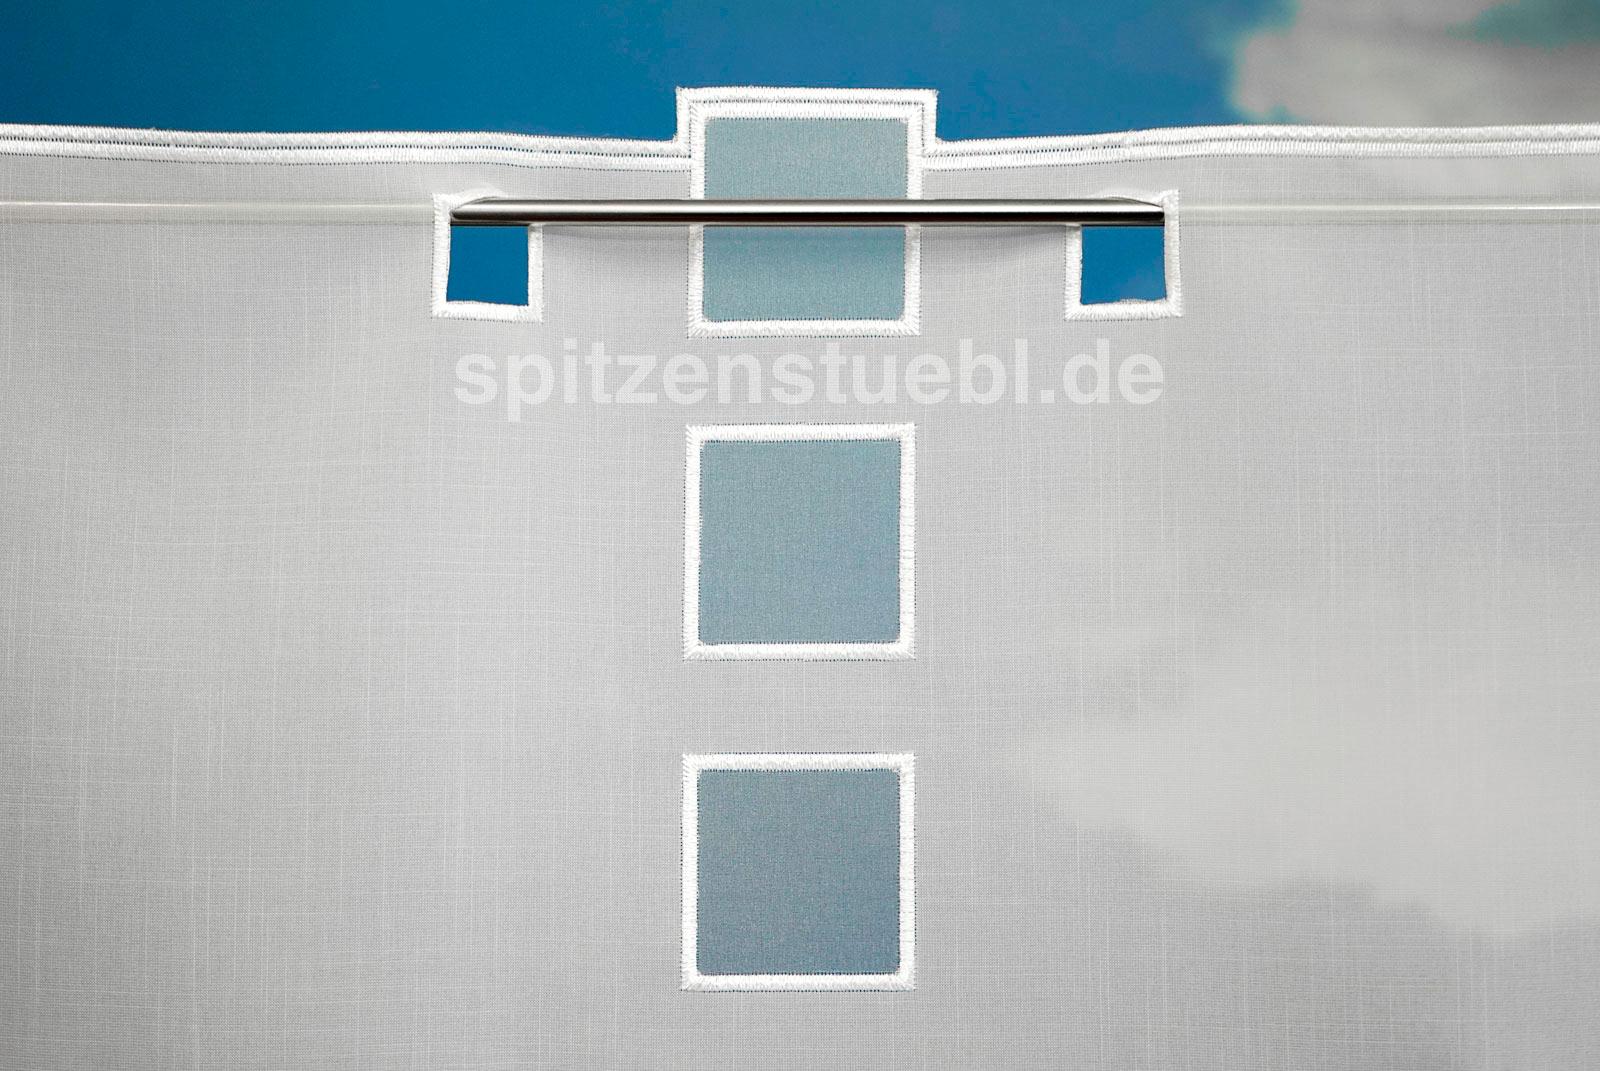 Full Size of Moderne Scheibengardinen Duschen Landhausküche Küche Modernes Bett 180x200 Sofa Bilder Fürs Wohnzimmer Deckenleuchte Esstische Wohnzimmer Moderne Scheibengardinen